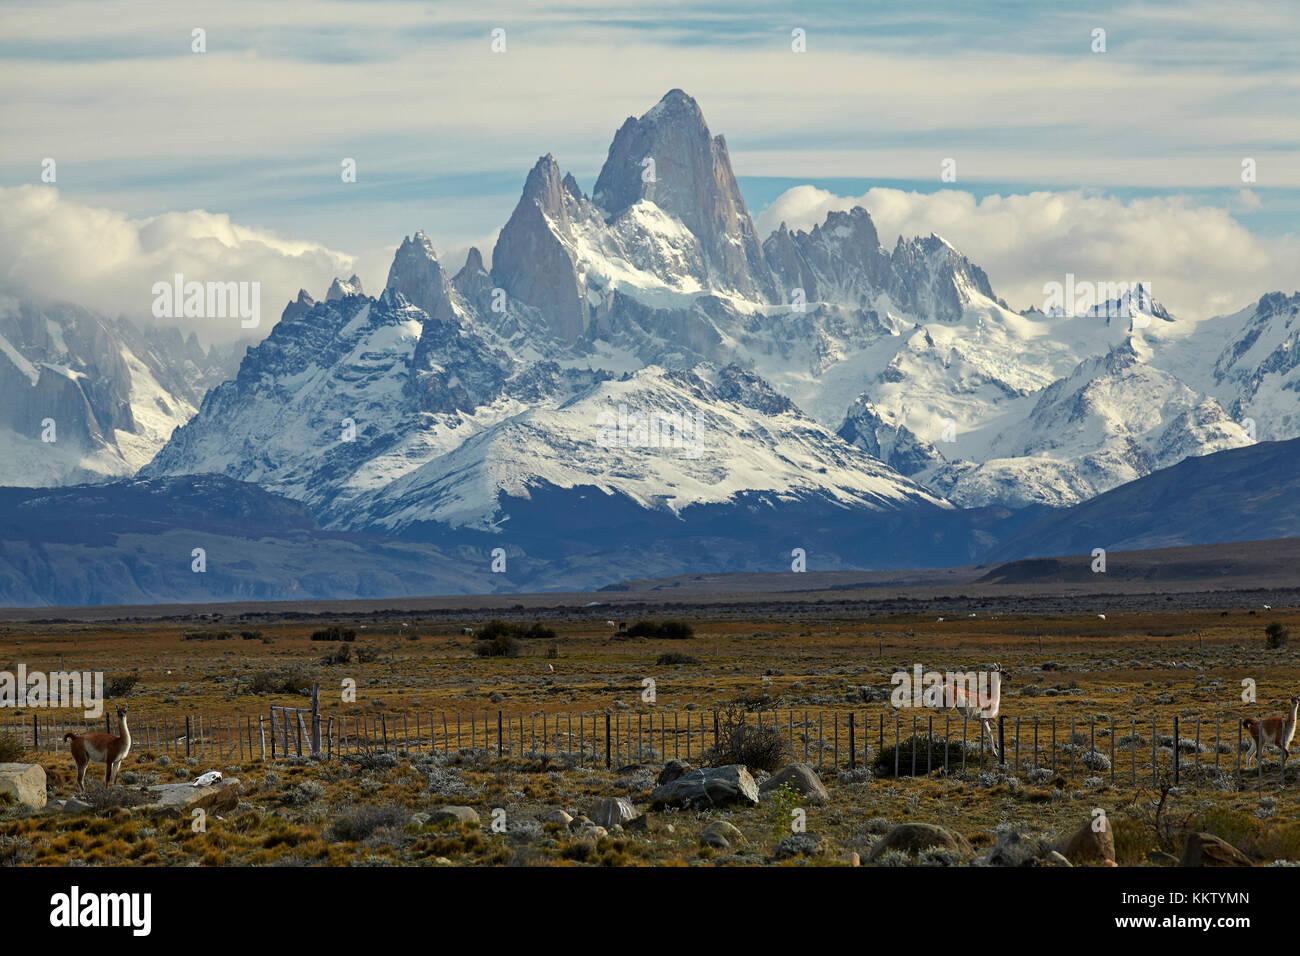 Mont Fitz Roy, Parque Nacional Los Glaciares (zone du patrimoine mondial), et la clôture de saut guanacos, Patagonie, Argentine, Amérique du Sud Banque D'Images